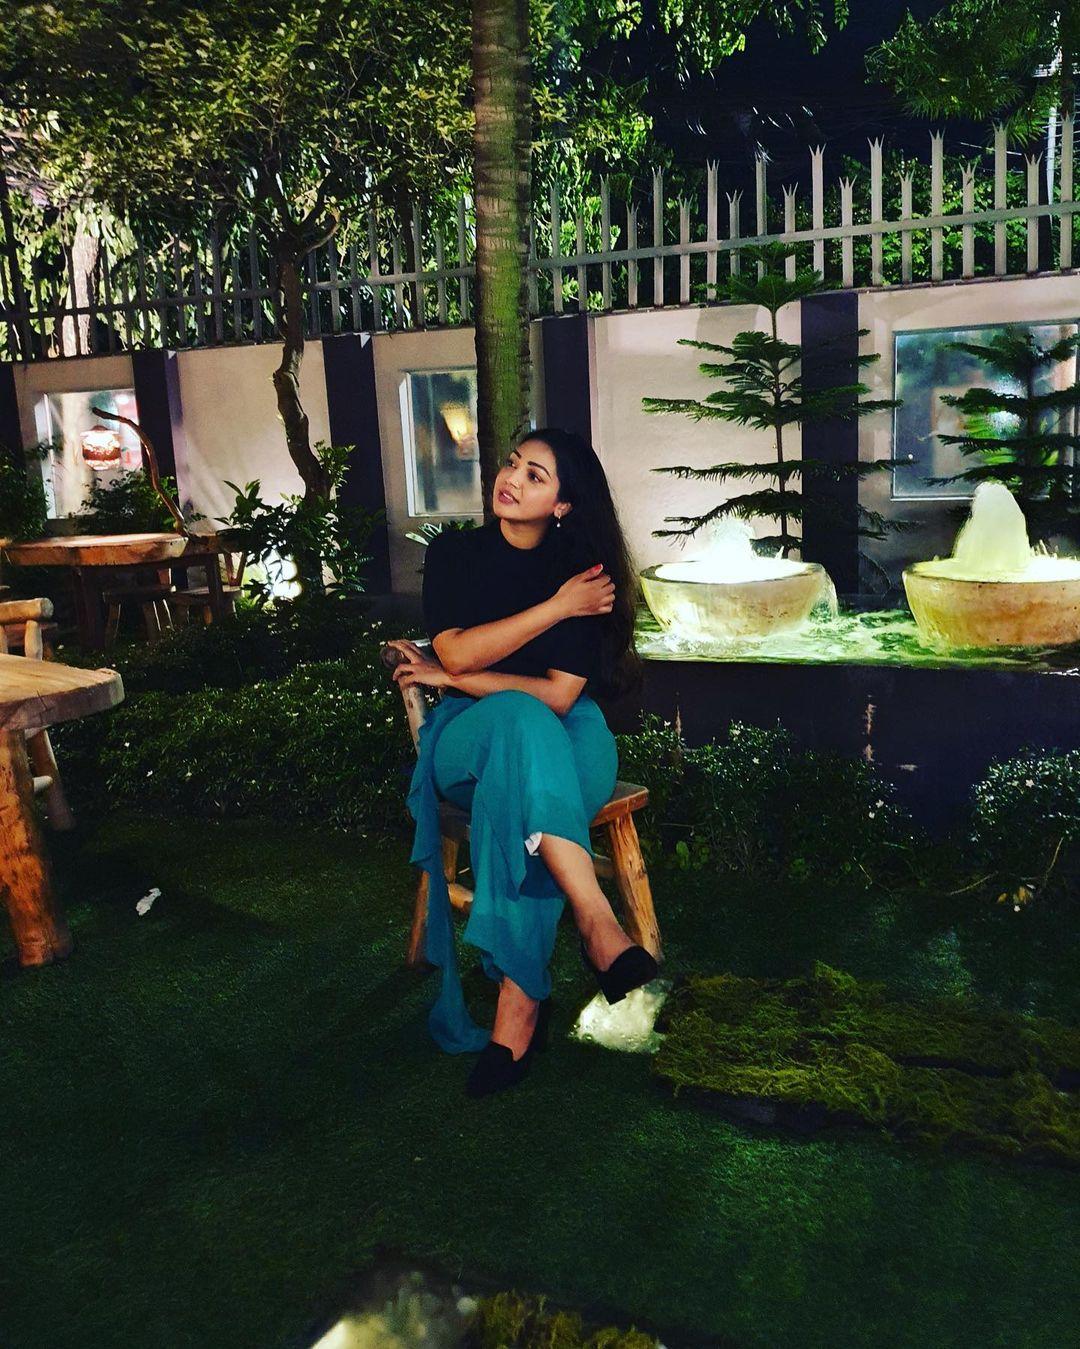 মডেল এবং অভিনেত্রী সাদিয়া জাহান প্রভার কিছু ছবি 5